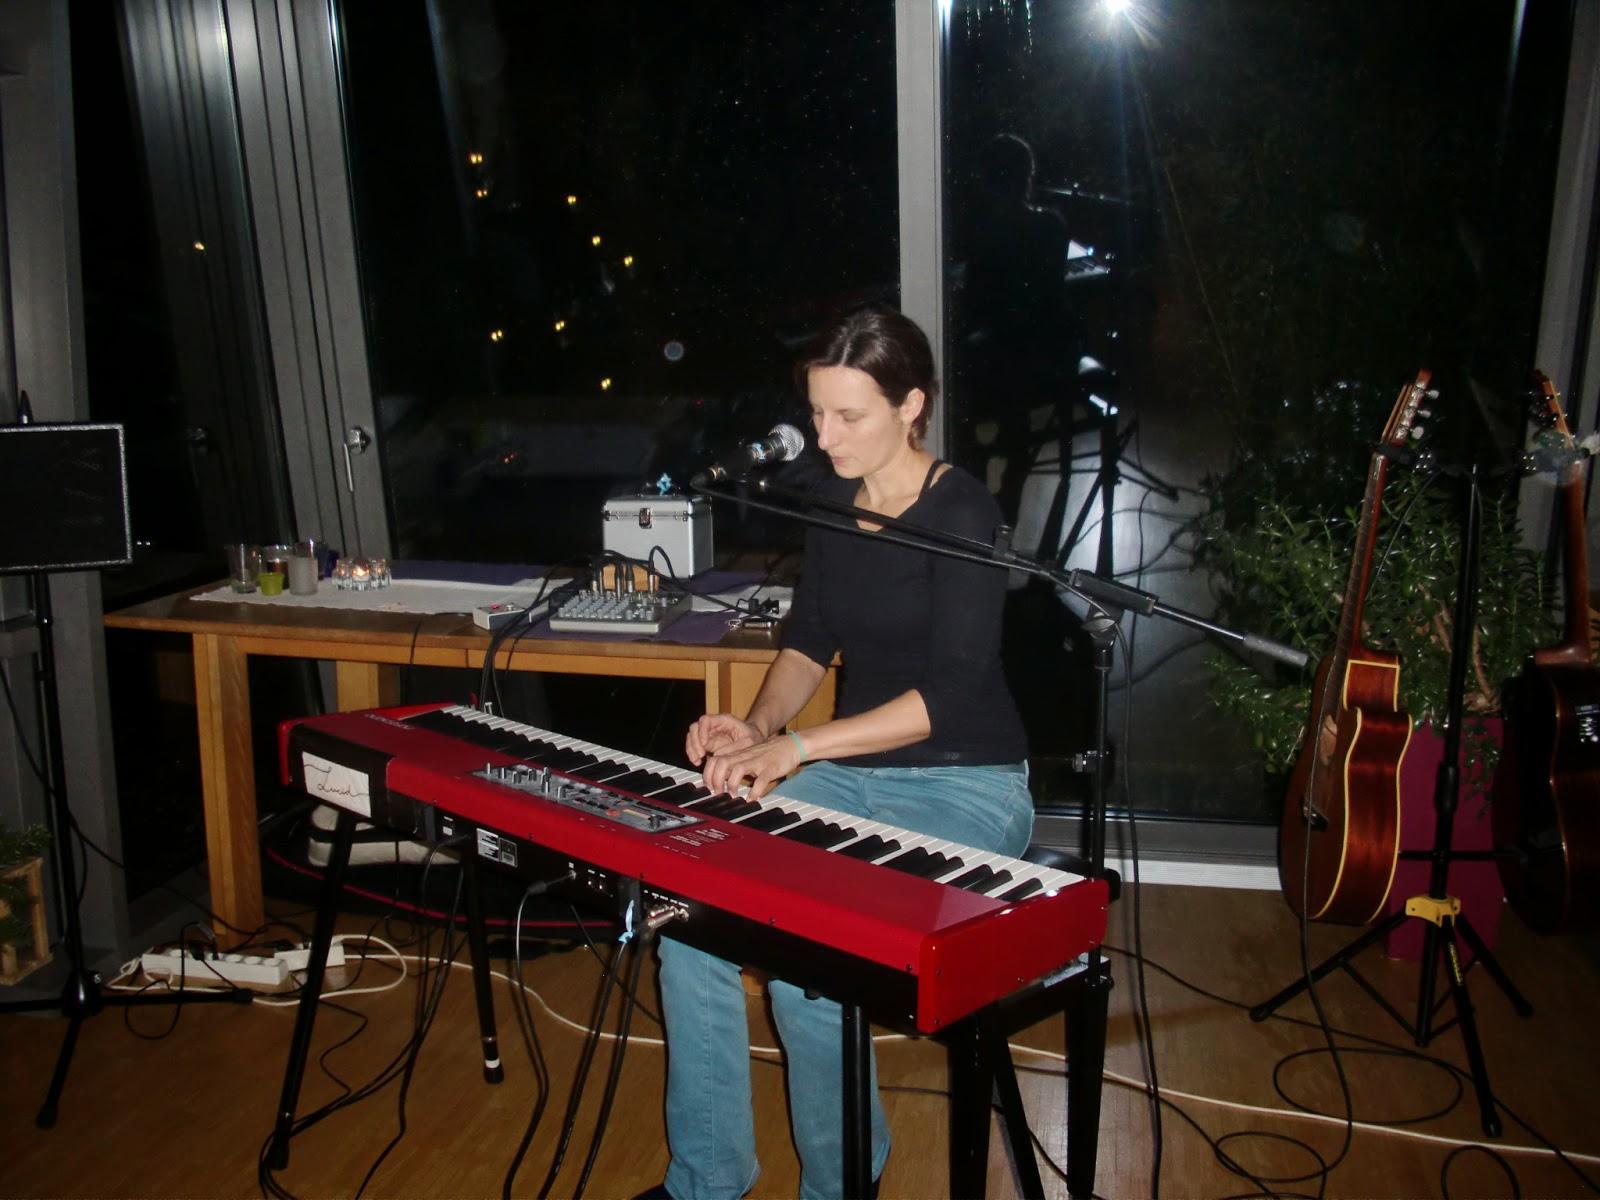 Anschliessend Hatte Ich Per E Mail Angeklopft Wohnzimmerkonzert In Karlsruhe Wie Wrs Mein Plan Das Mannheim Nur Mehr Angedeutete Konzert Mit